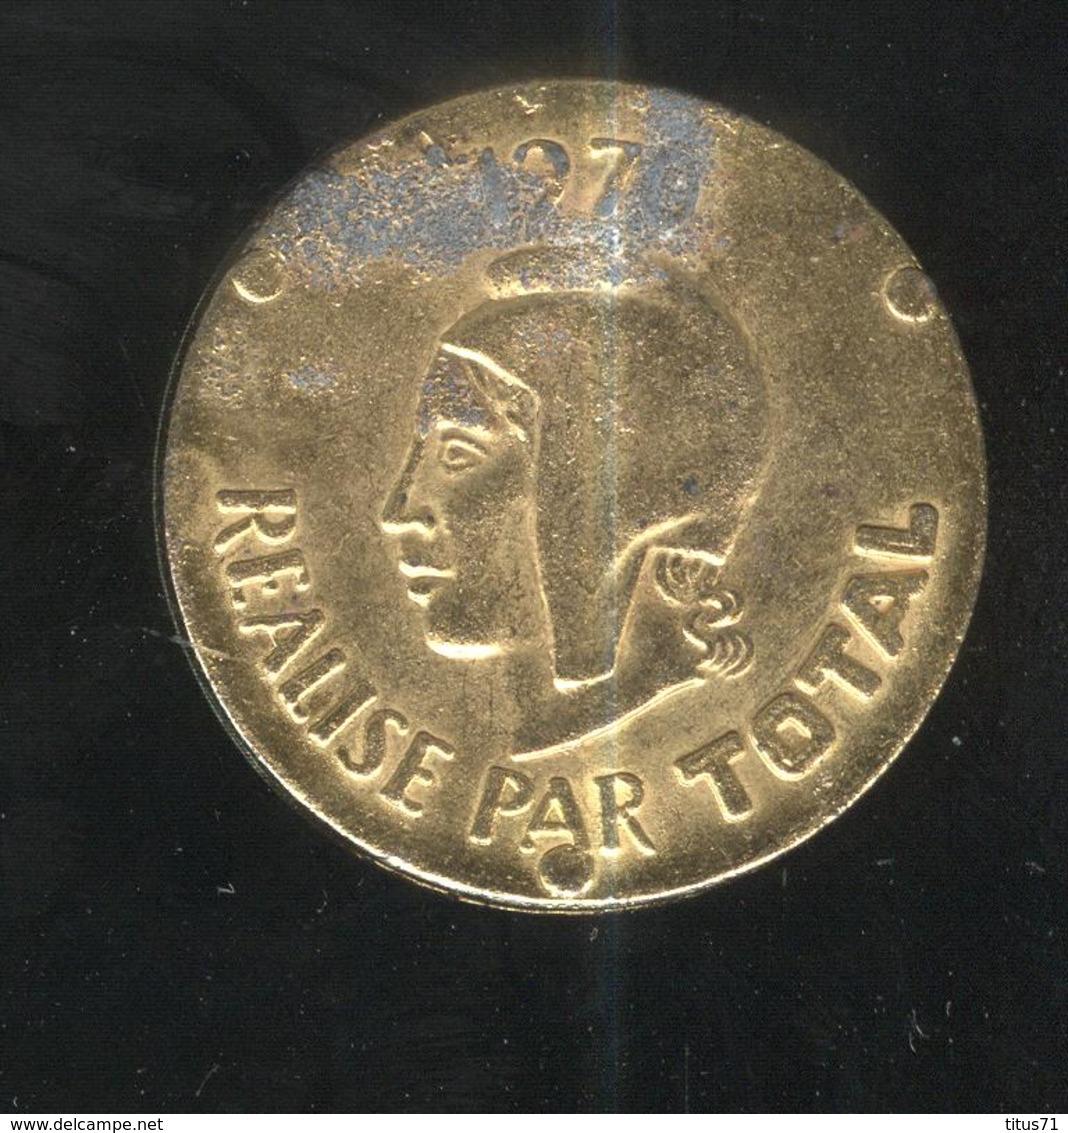 Jeton Total - Georges Clémenceau 1841-1929 - Professionnels / De Société